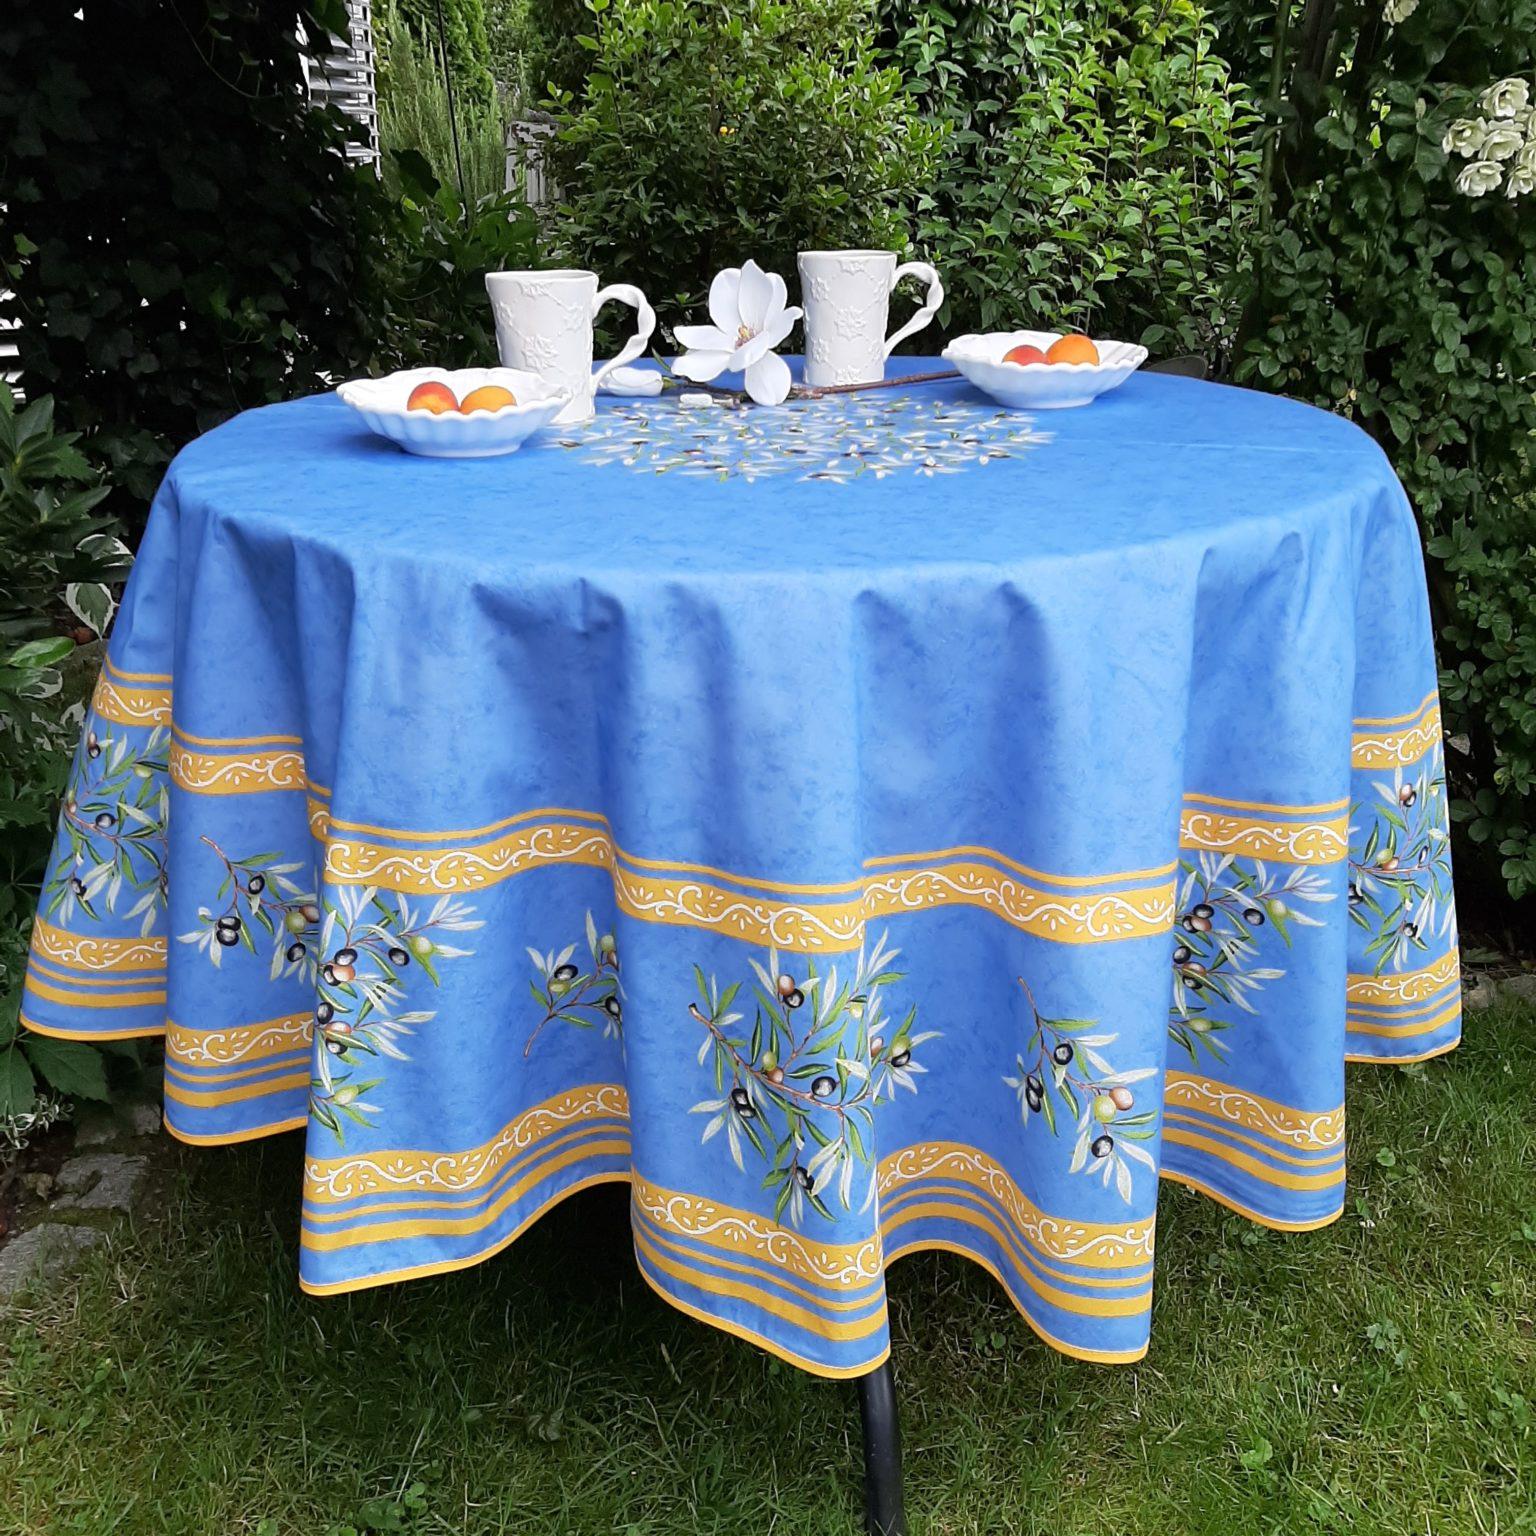 Tischdecke Provence 160 cm rund schwarz weiß Frankreich pflegeleicht bügelfrei